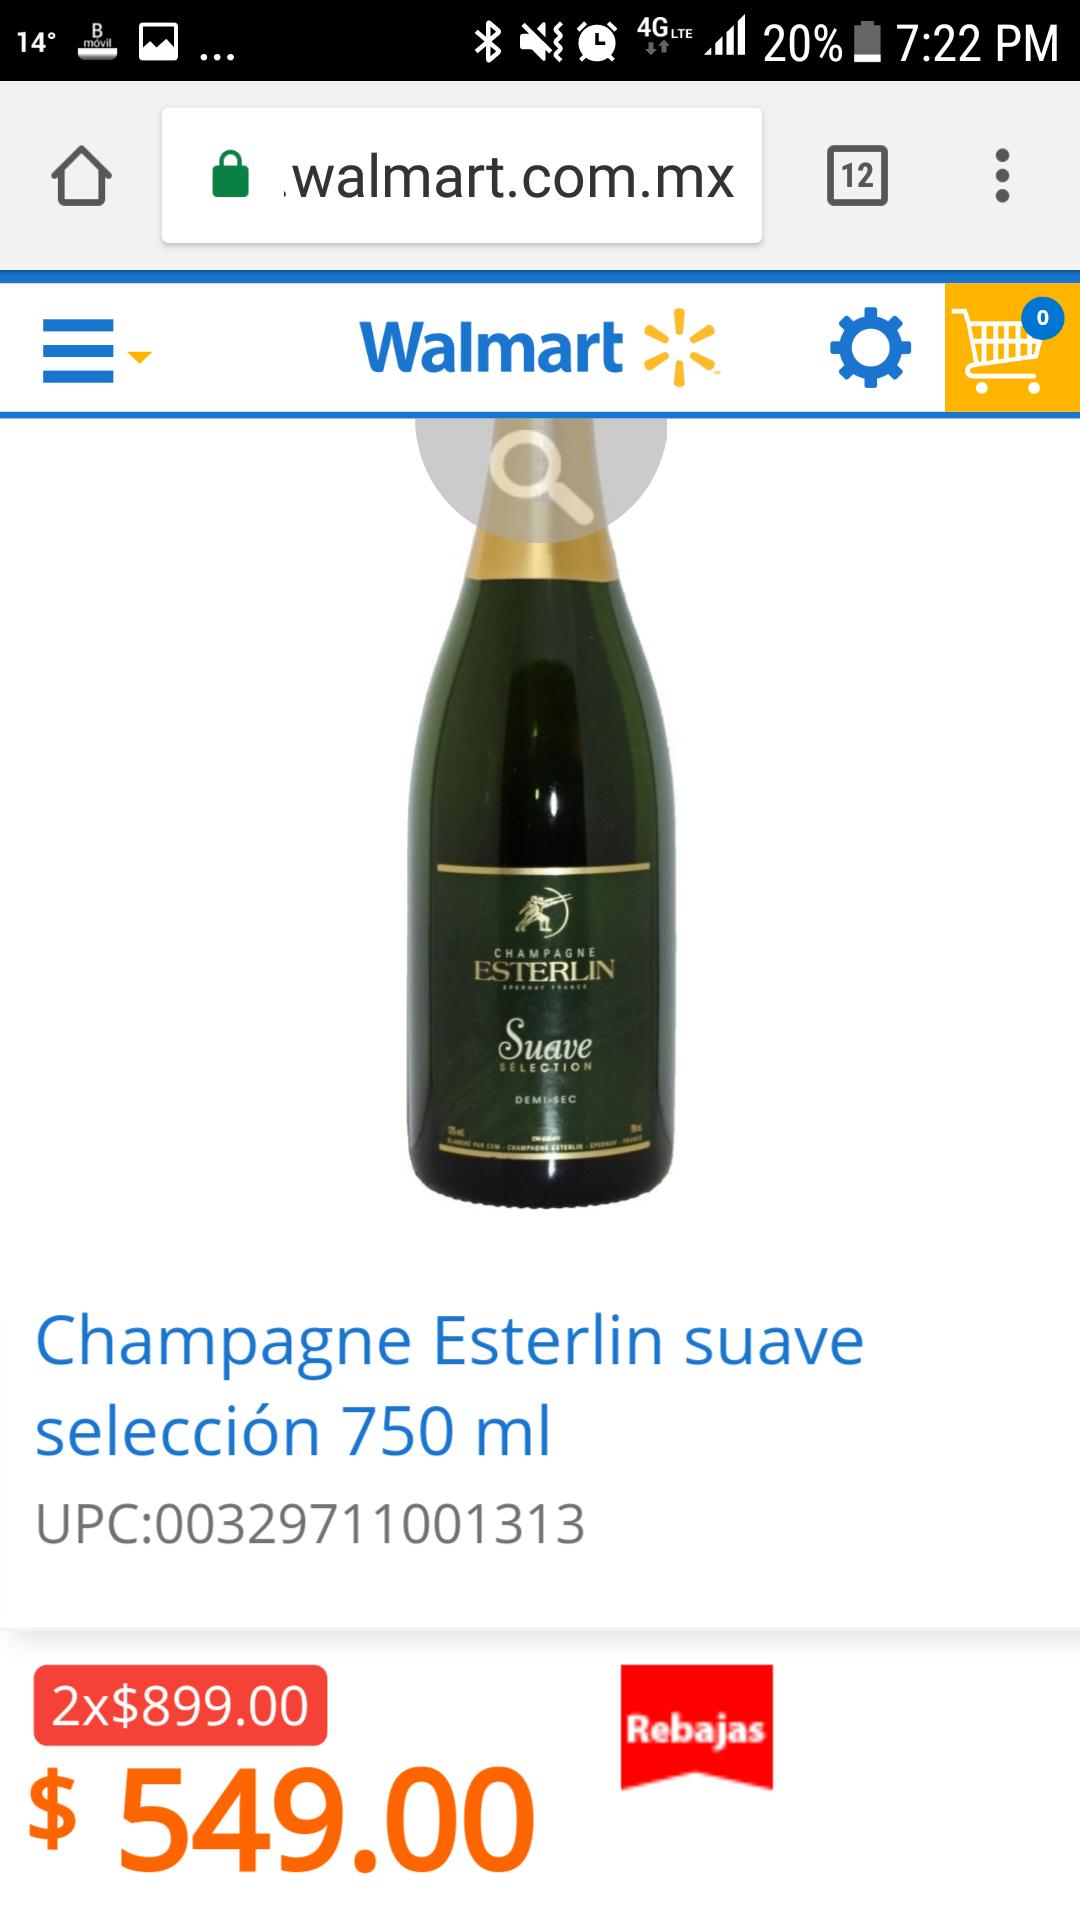 Walmart:  Champagne Esterlin suave selección 750 ml 2 x $899